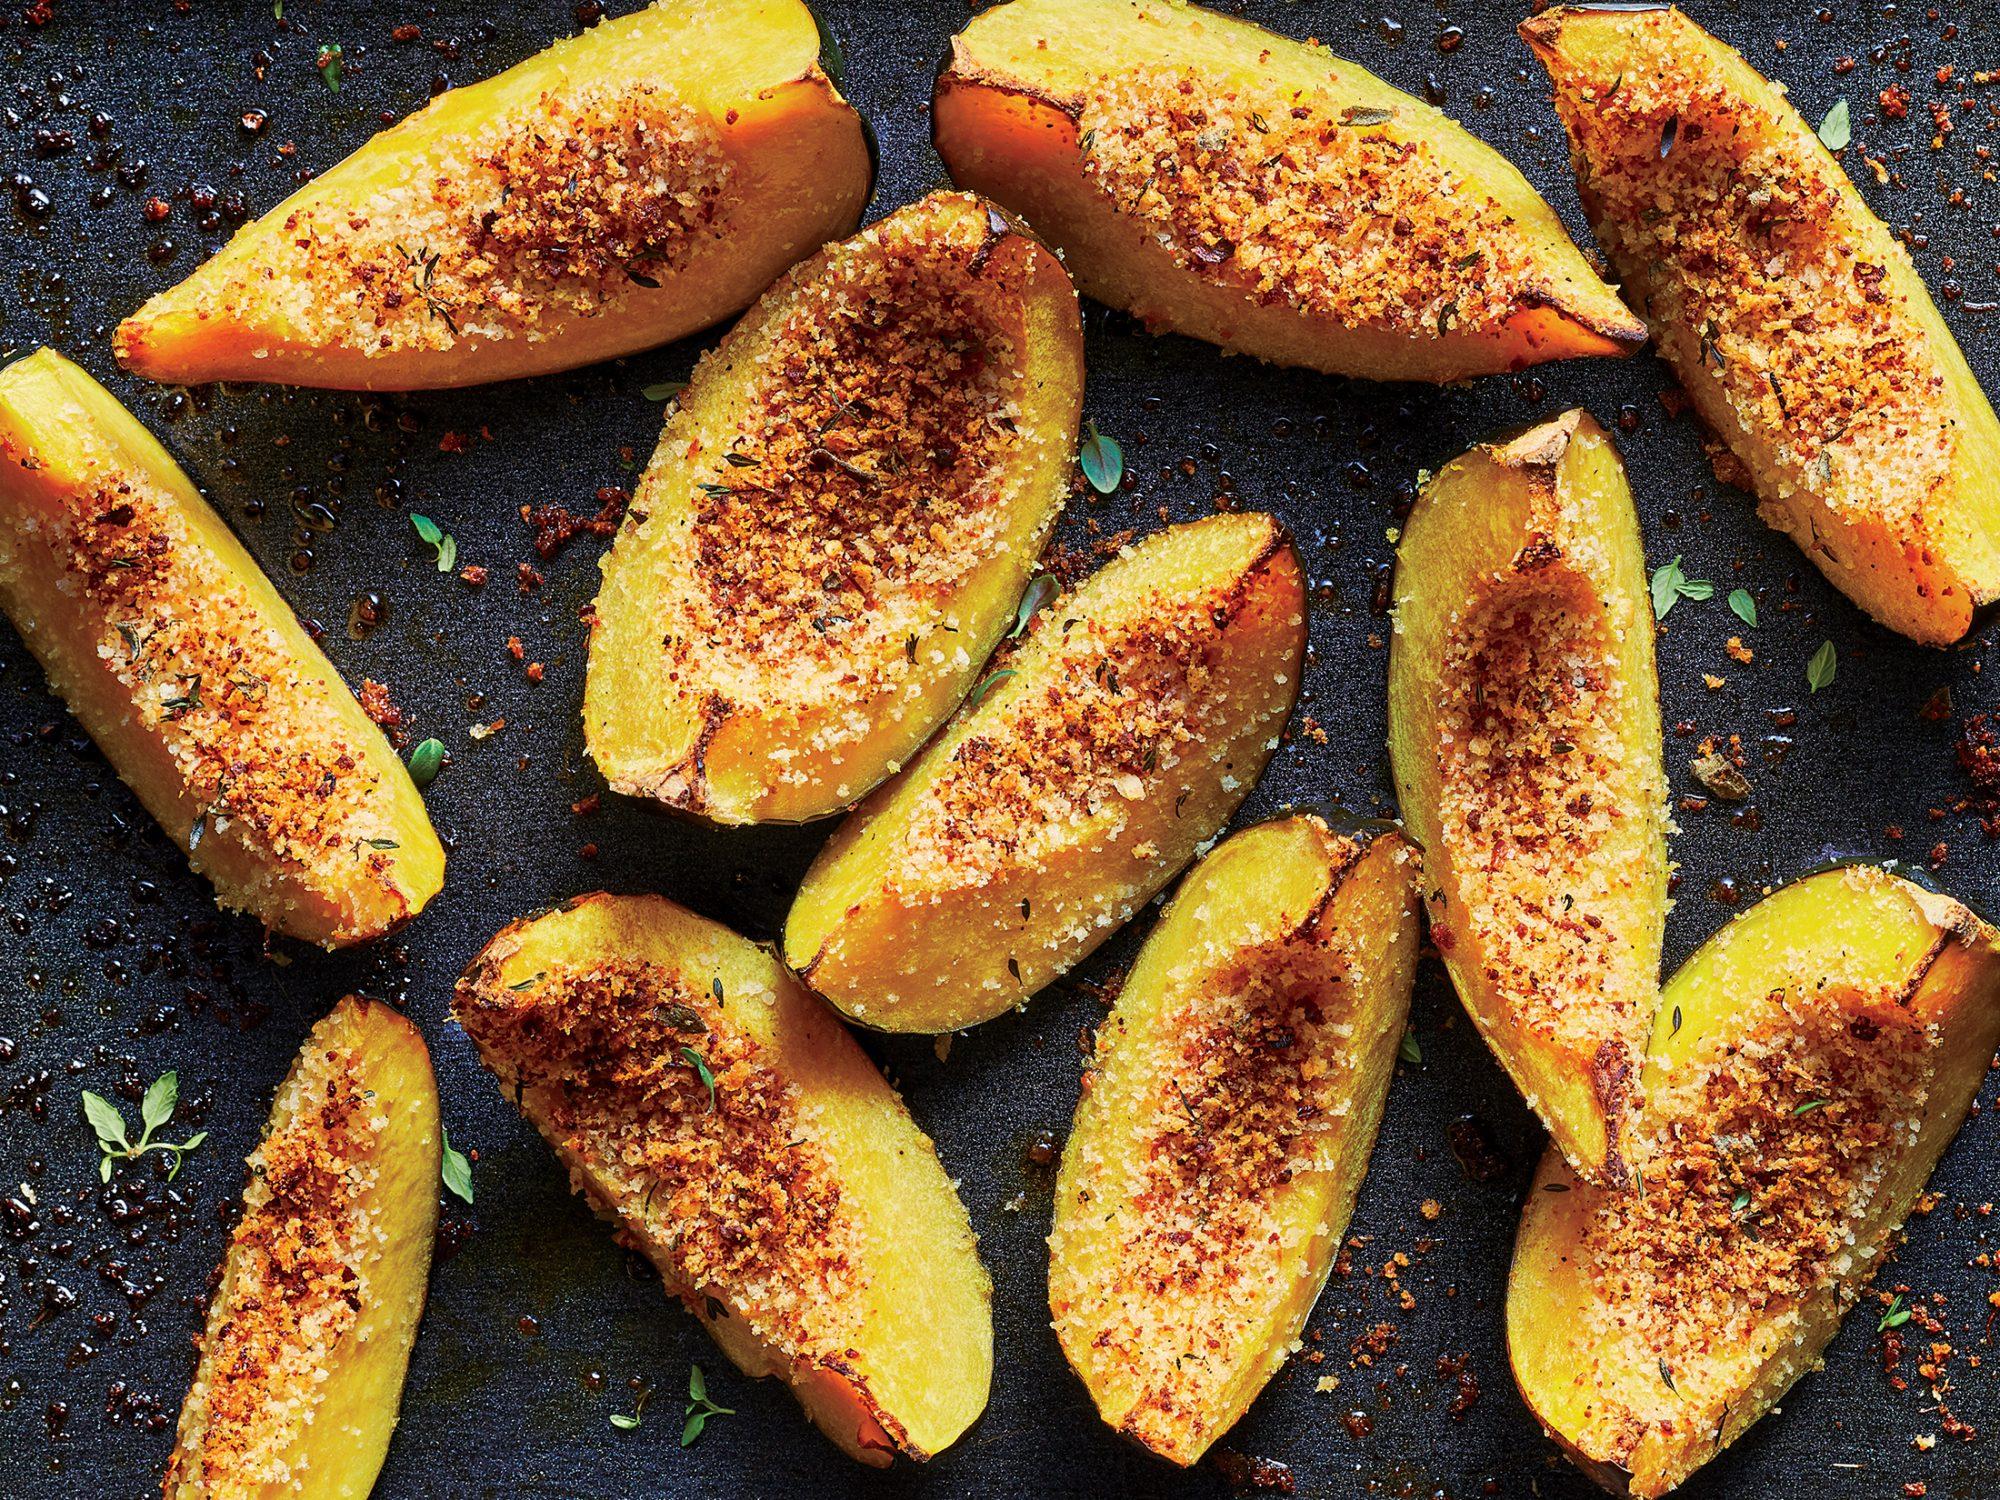 Panko-Crusted Acorn Squash